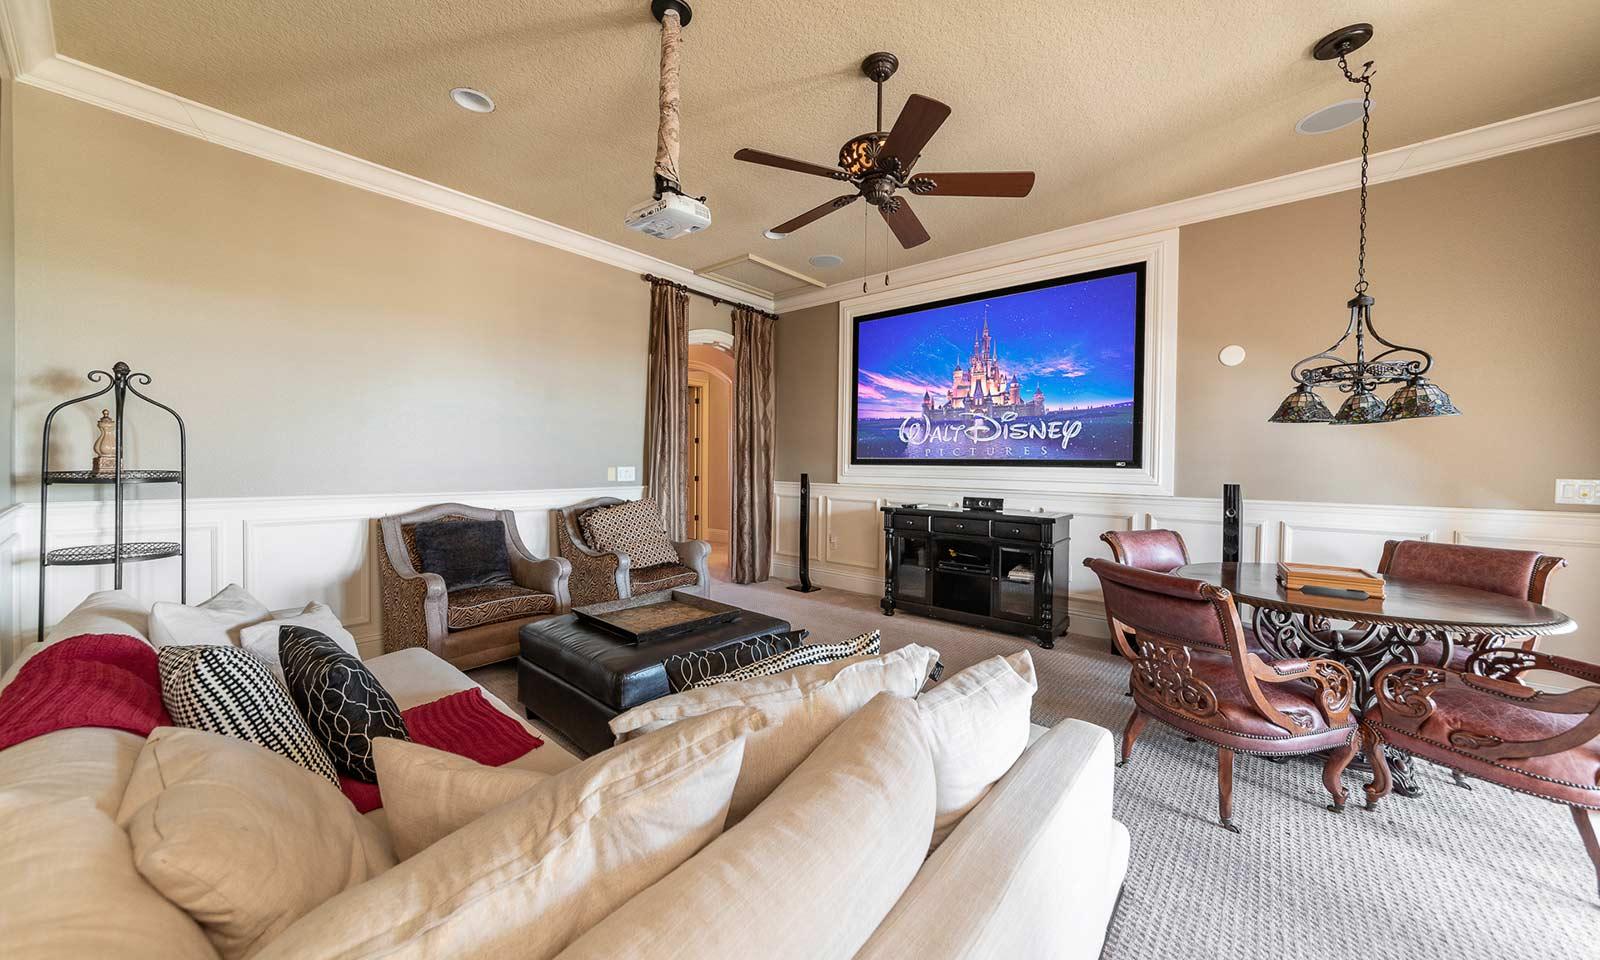 [amenities:TV-Room:1] TV Room